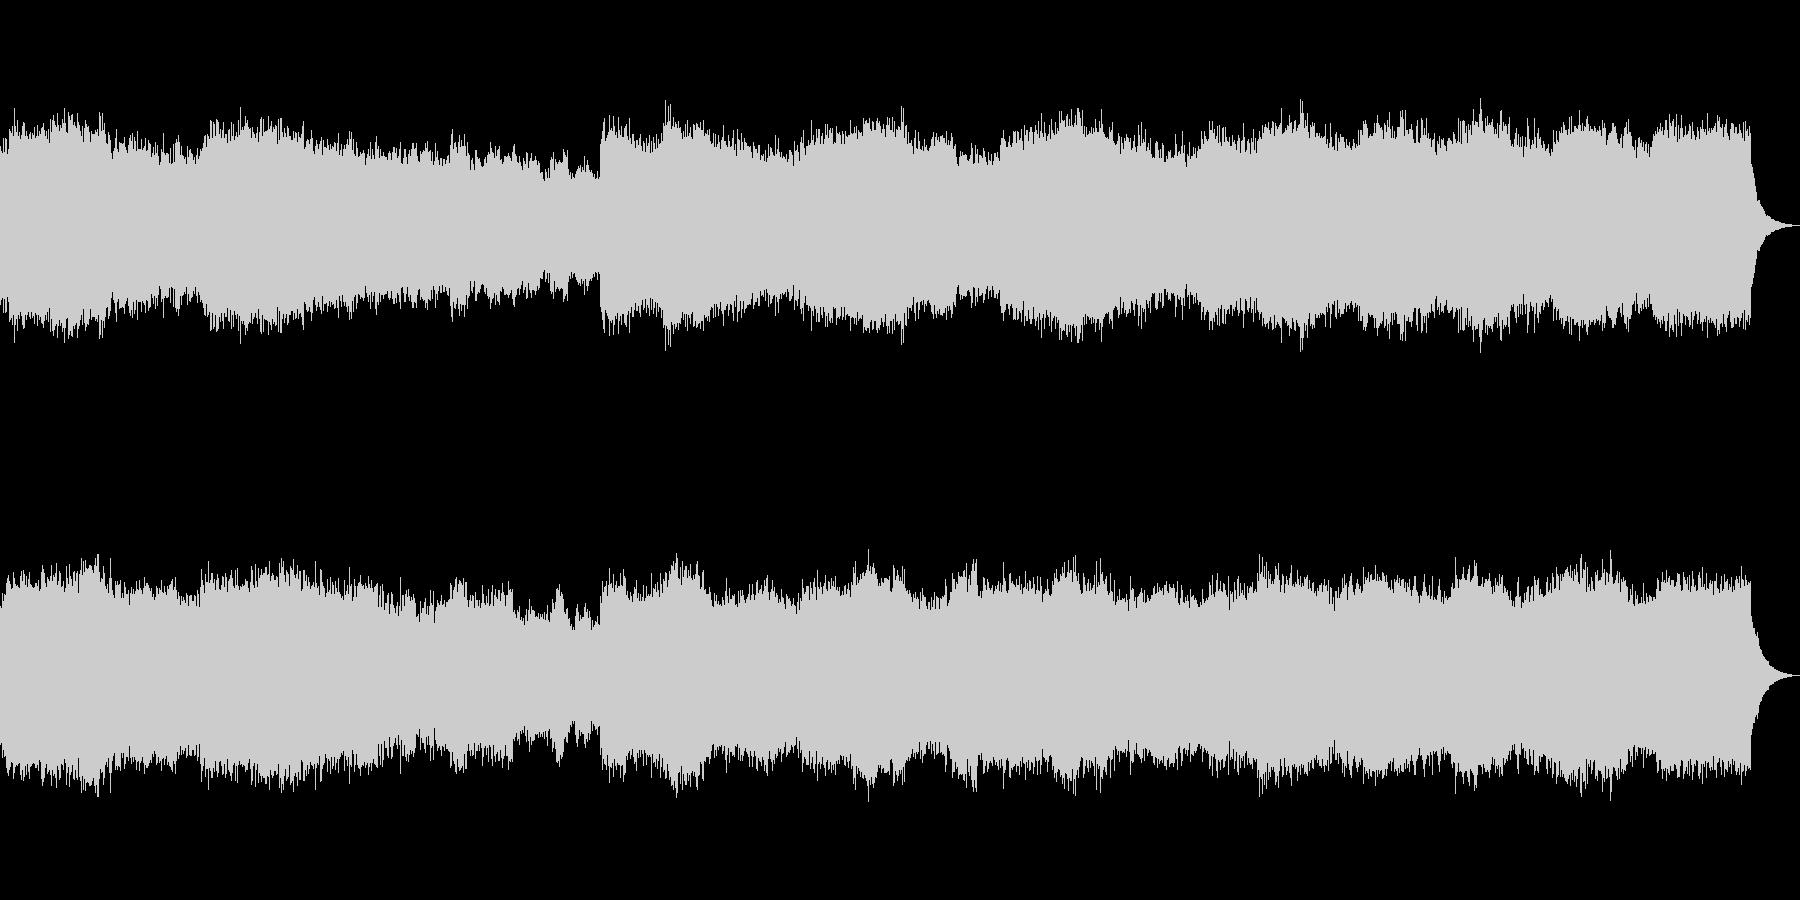 オルガン教会音楽の未再生の波形